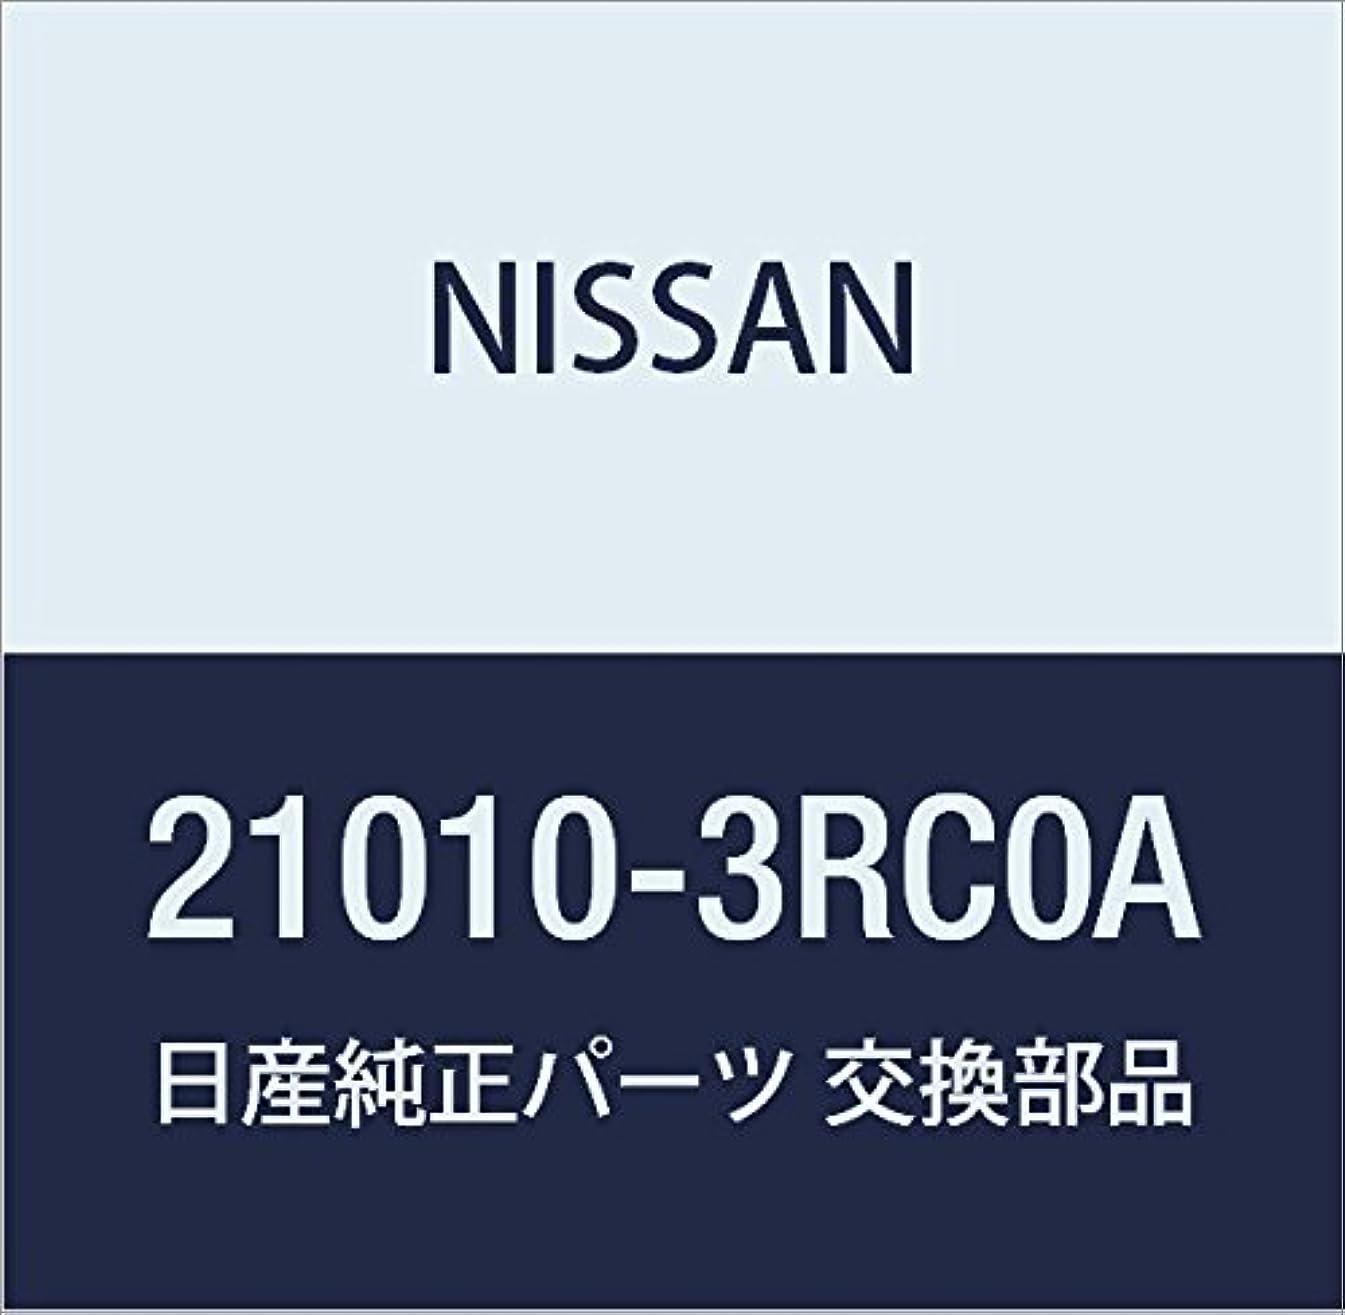 限られた表現鼻NISSAN(ニッサン) 日産純正部品 ポンプ アツセンブリー 21010-3RC0A